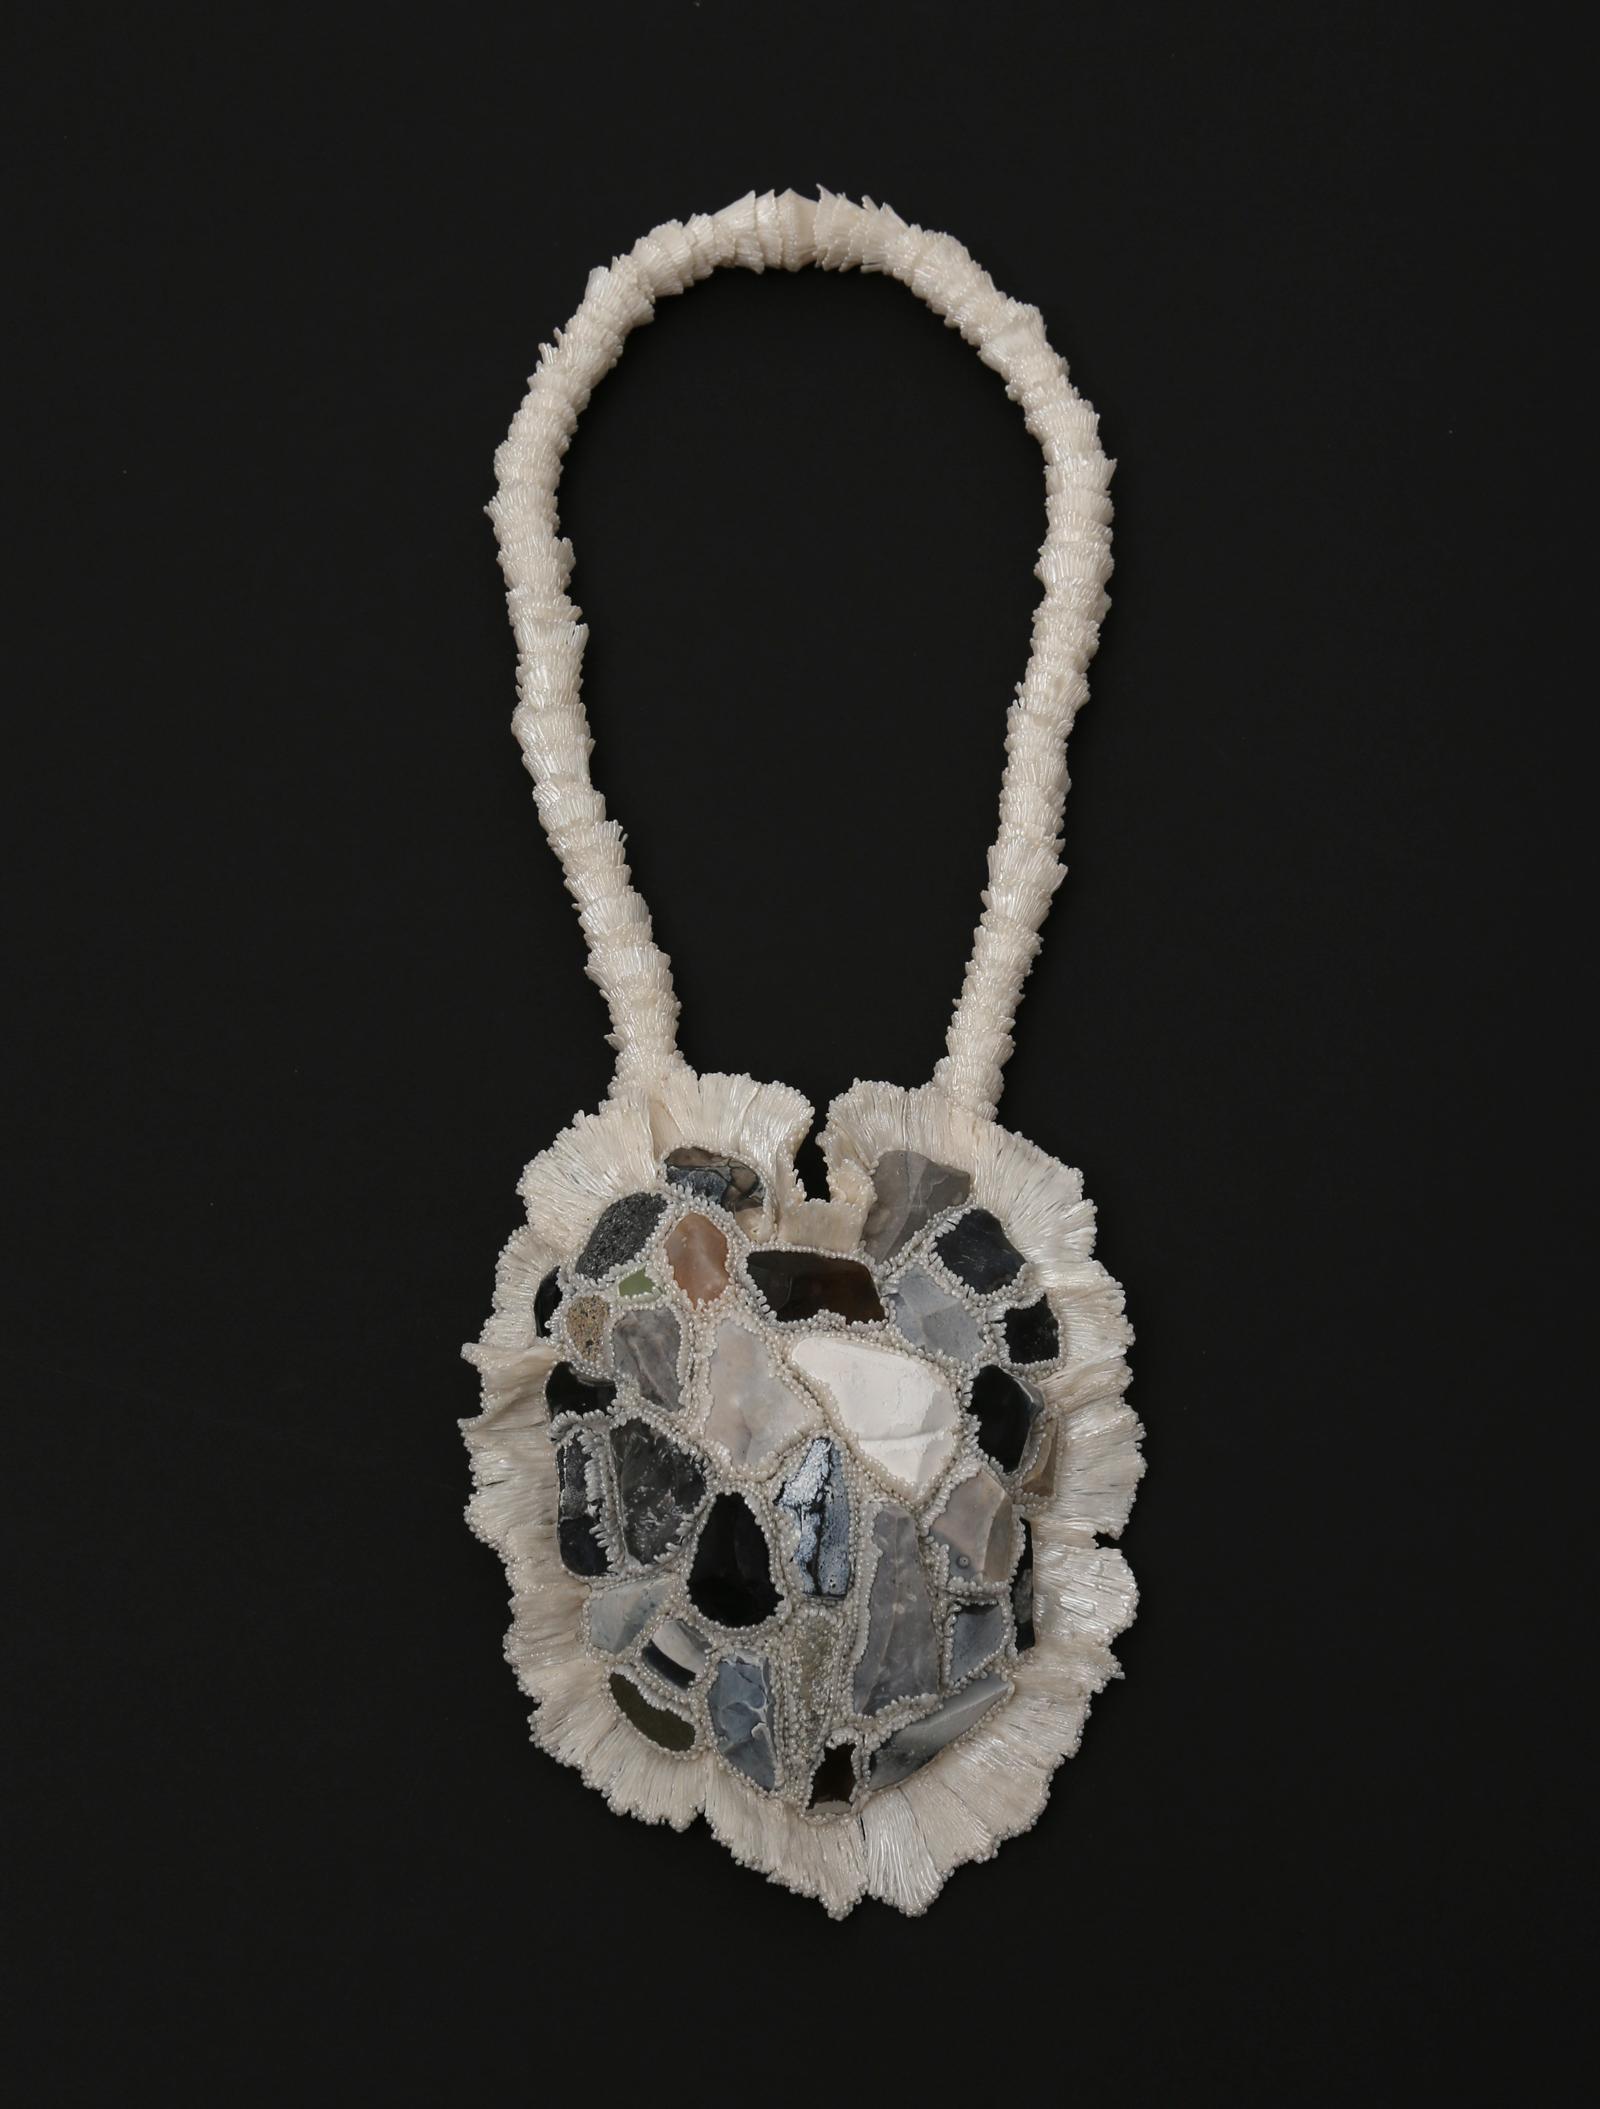 """""""The Gathering"""" I Necklace, 2019 I PLA, flint, glass, string I Photo: Carina Shoshtary"""